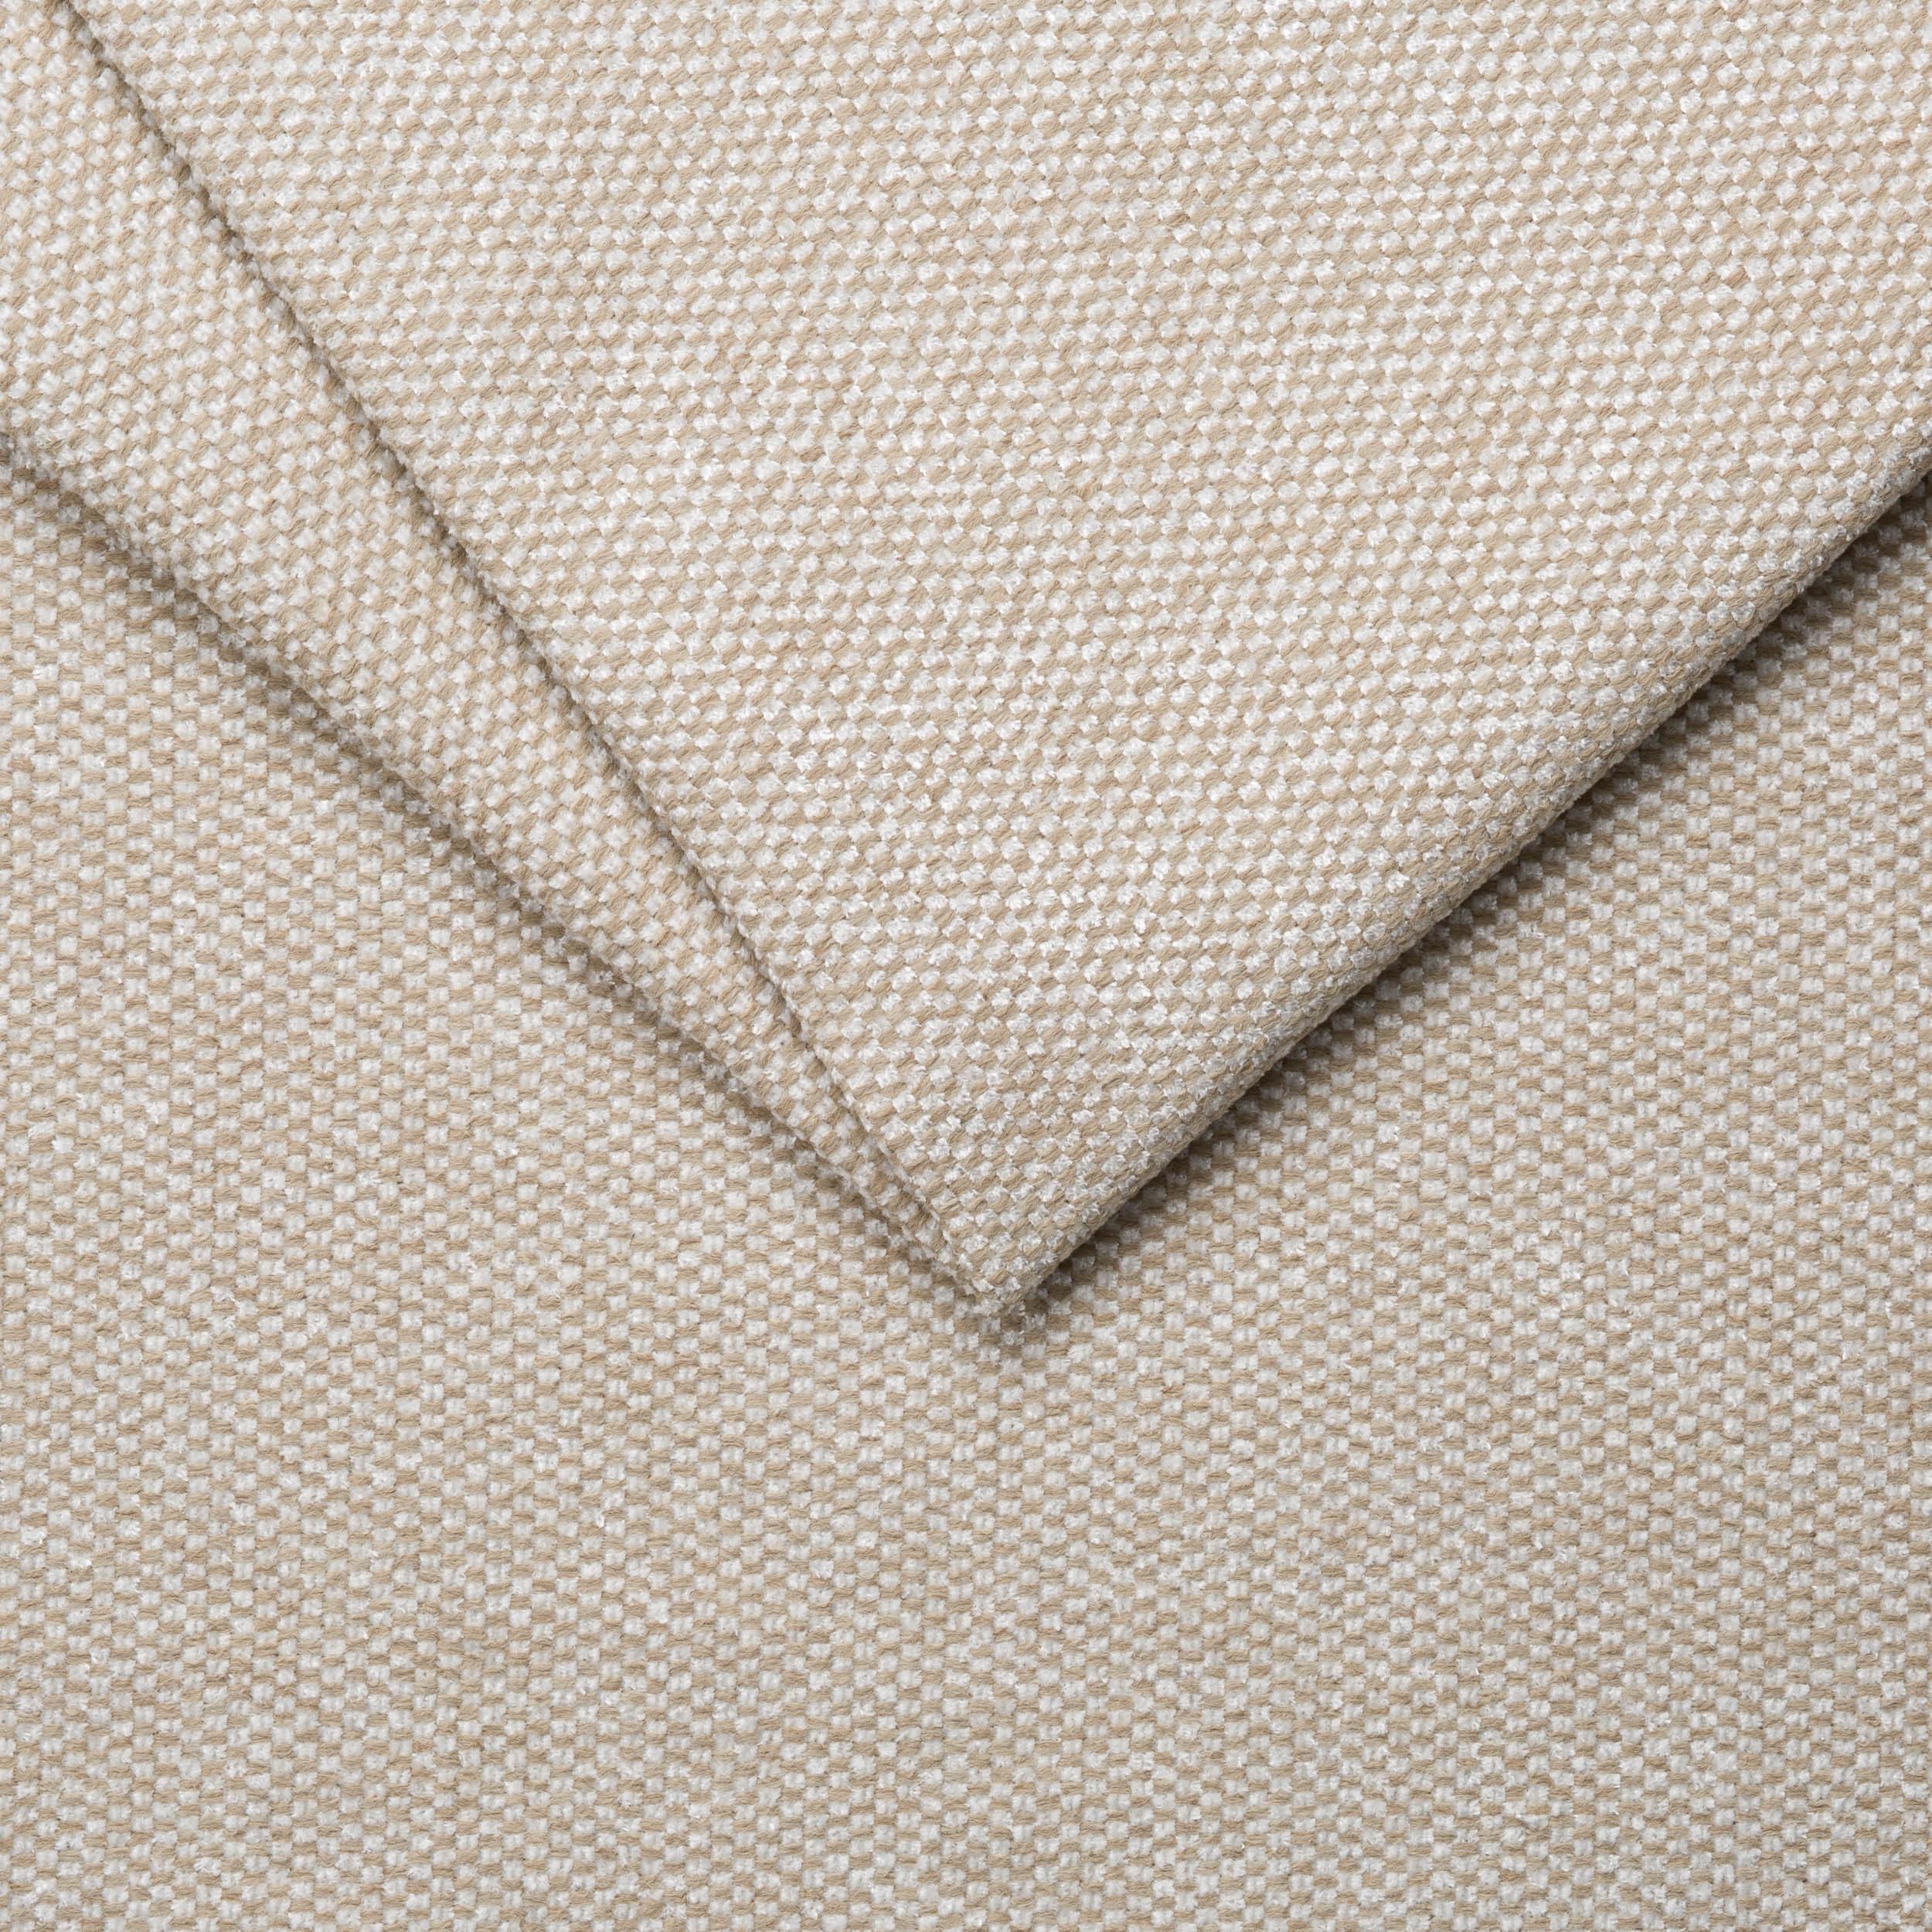 01 linen